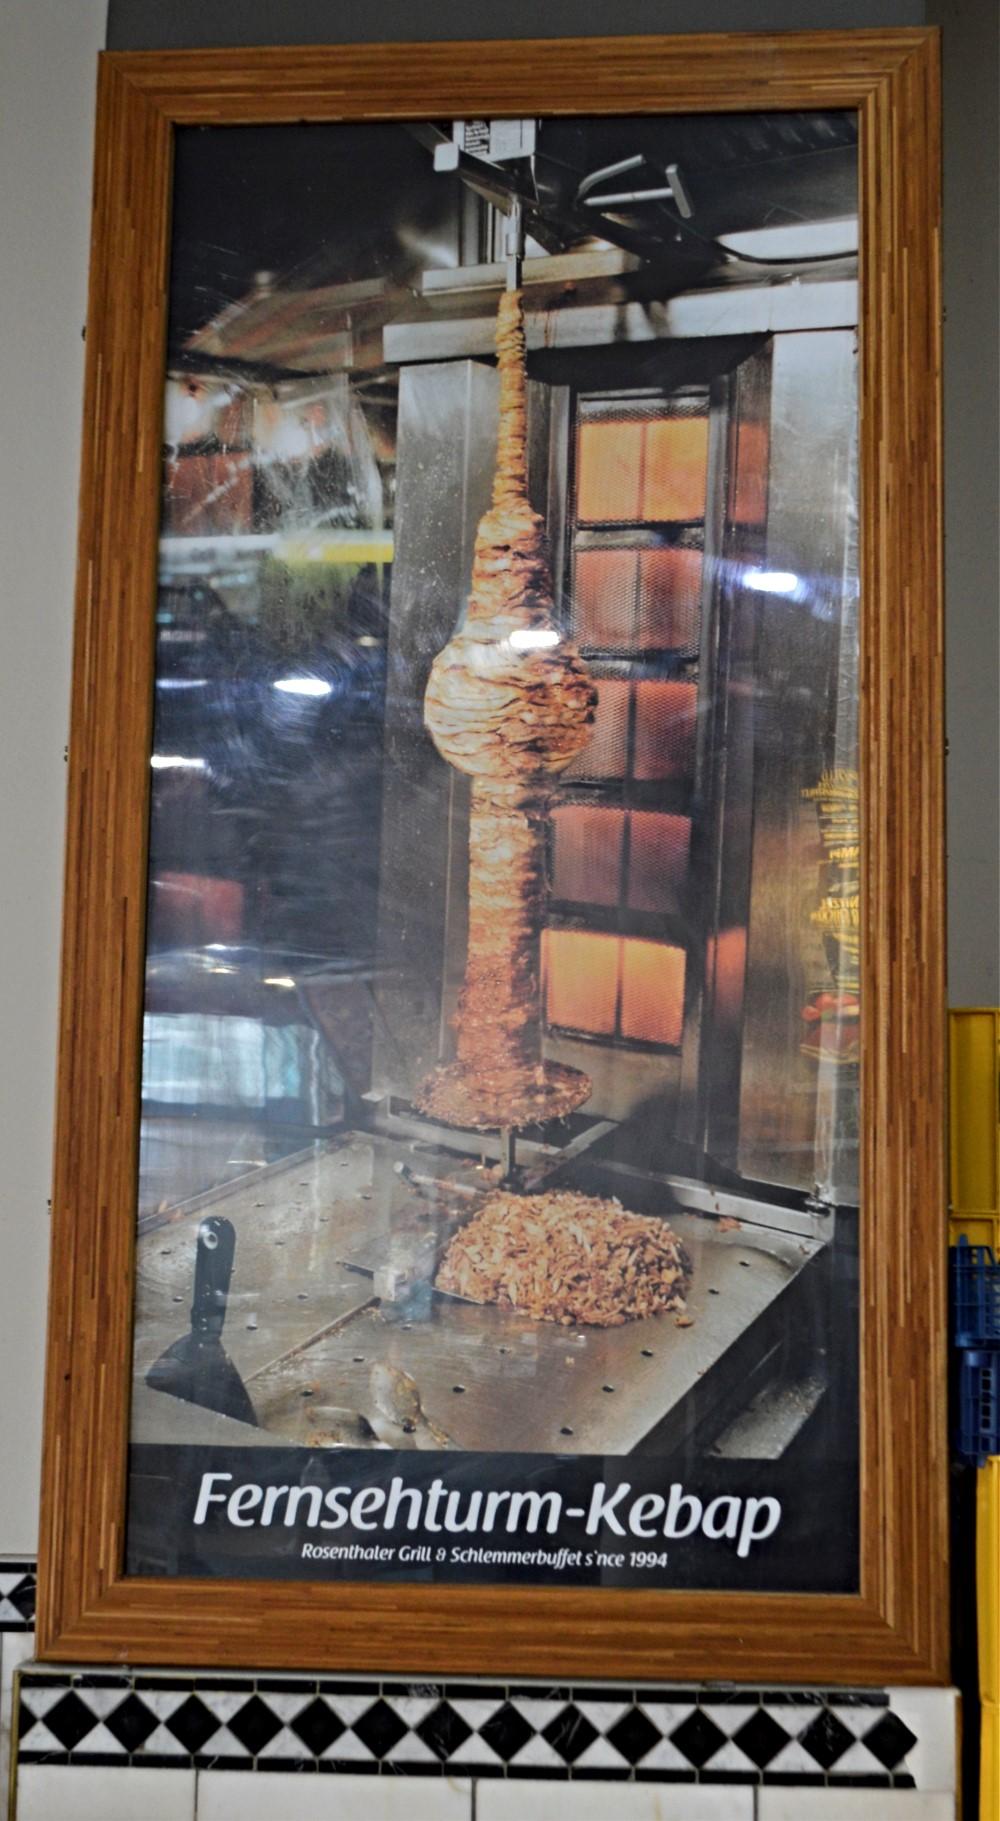 Fernsehturm Kebab Berliner Fernsehturm Döner  10 Dinge, die ich über das Photografieren gelernt habe - be kitschig blog